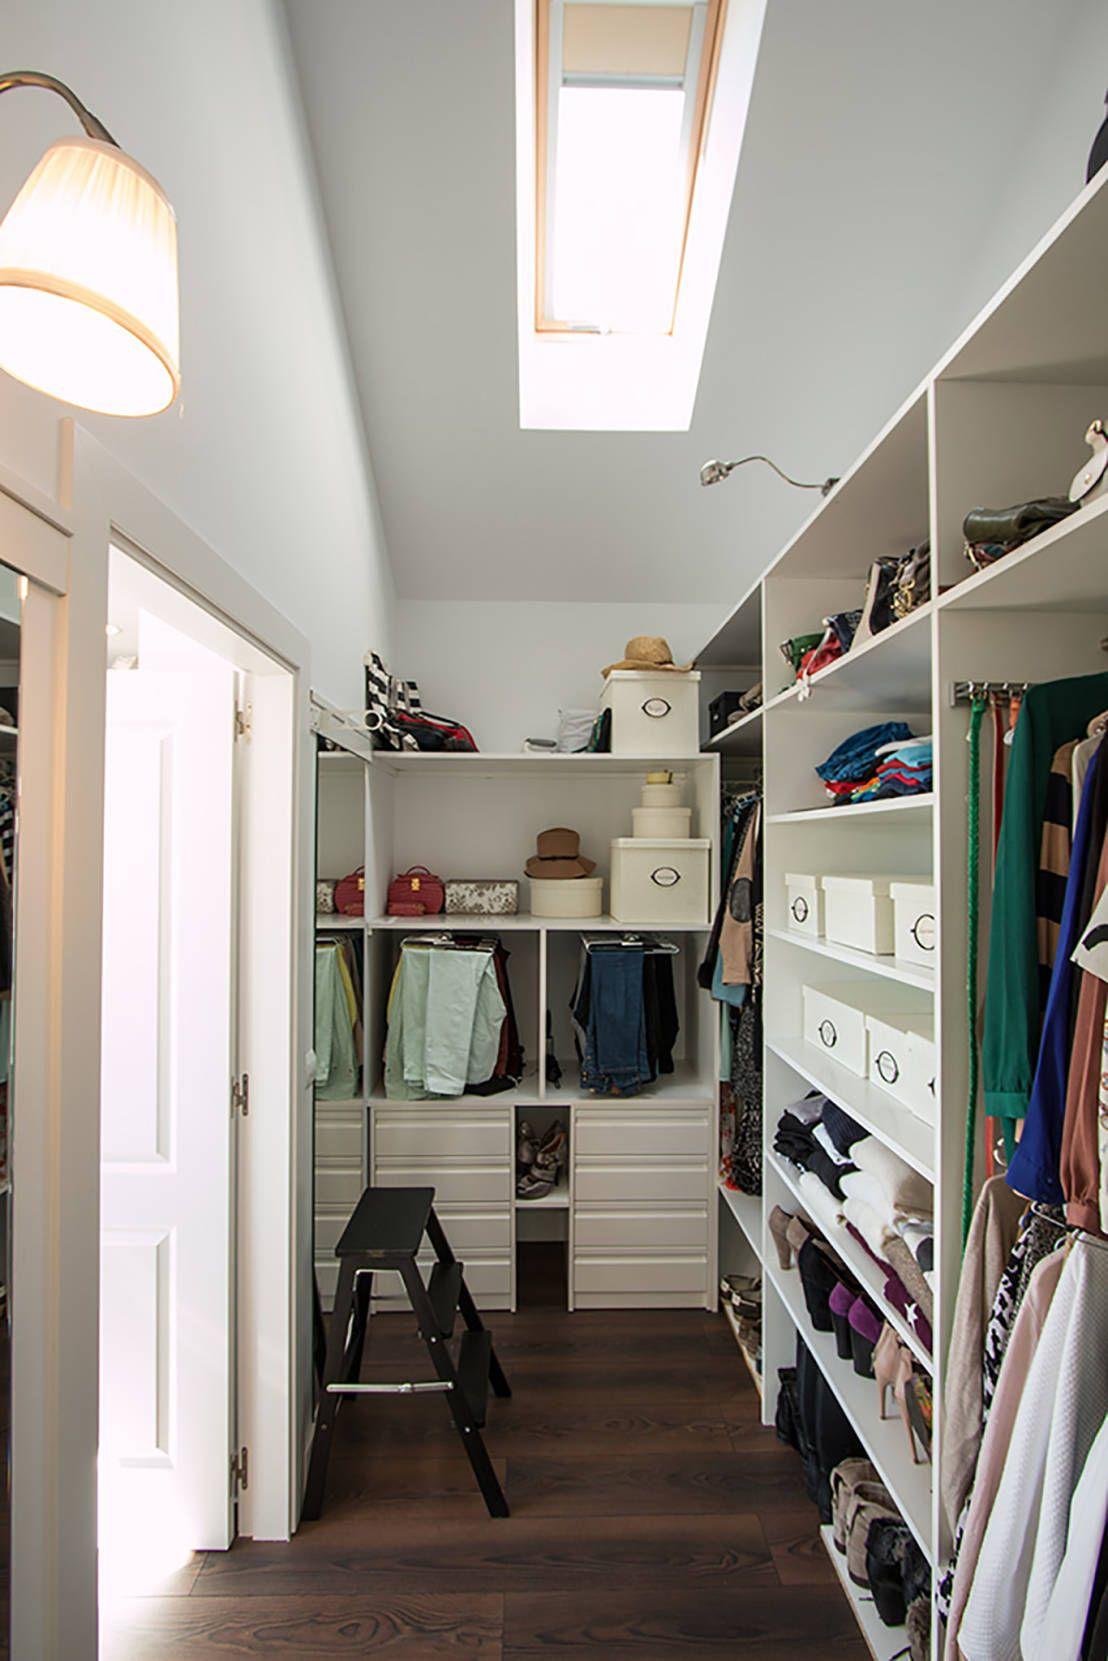 いつも整理整頓された快適な部屋を作るには? | 収納&ガレージ